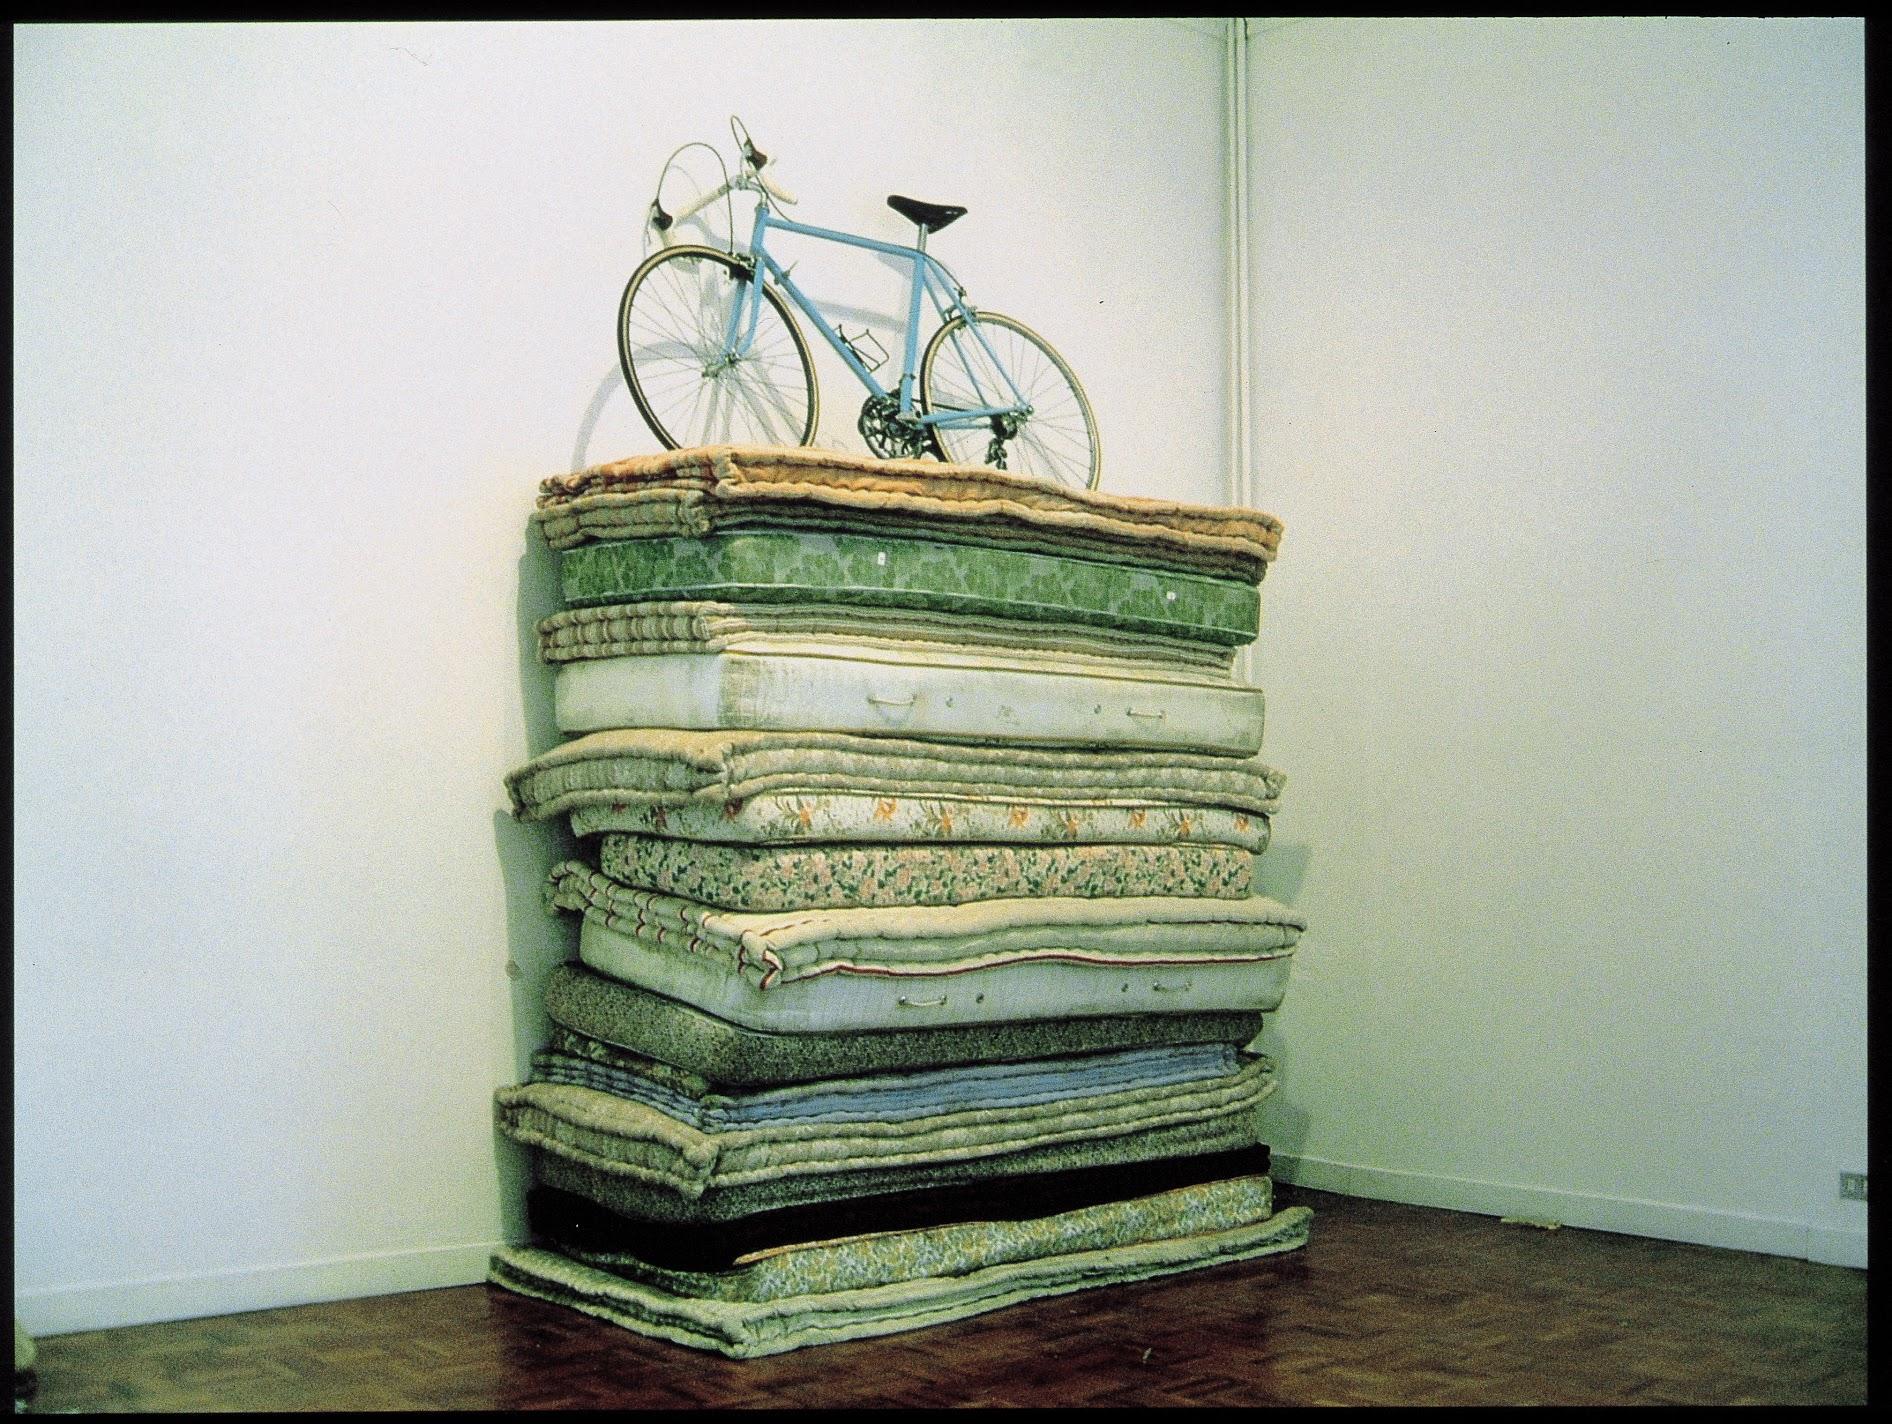 2000My Weakness mattressesbicyclecristall & mill 310 x 100 x 200